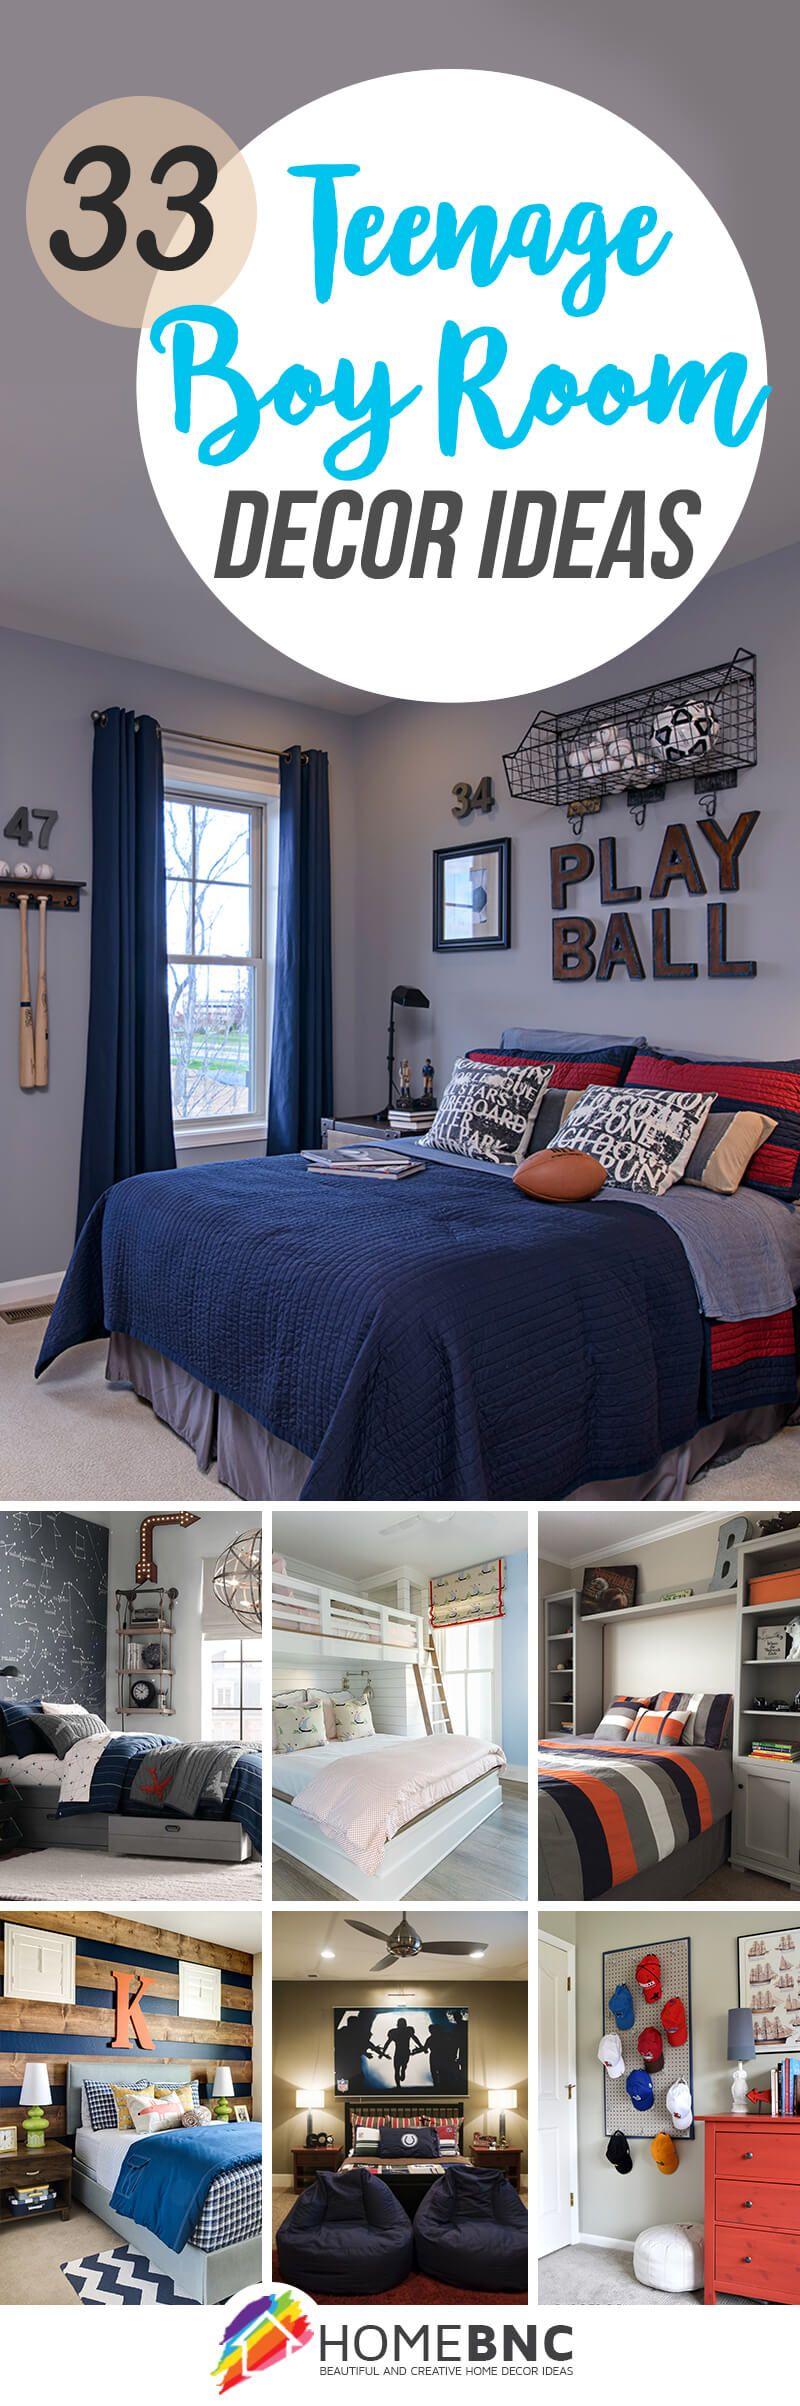 33 Cool Teenage Boy Room Decor Ideas Teenage Boy Room Boys Room